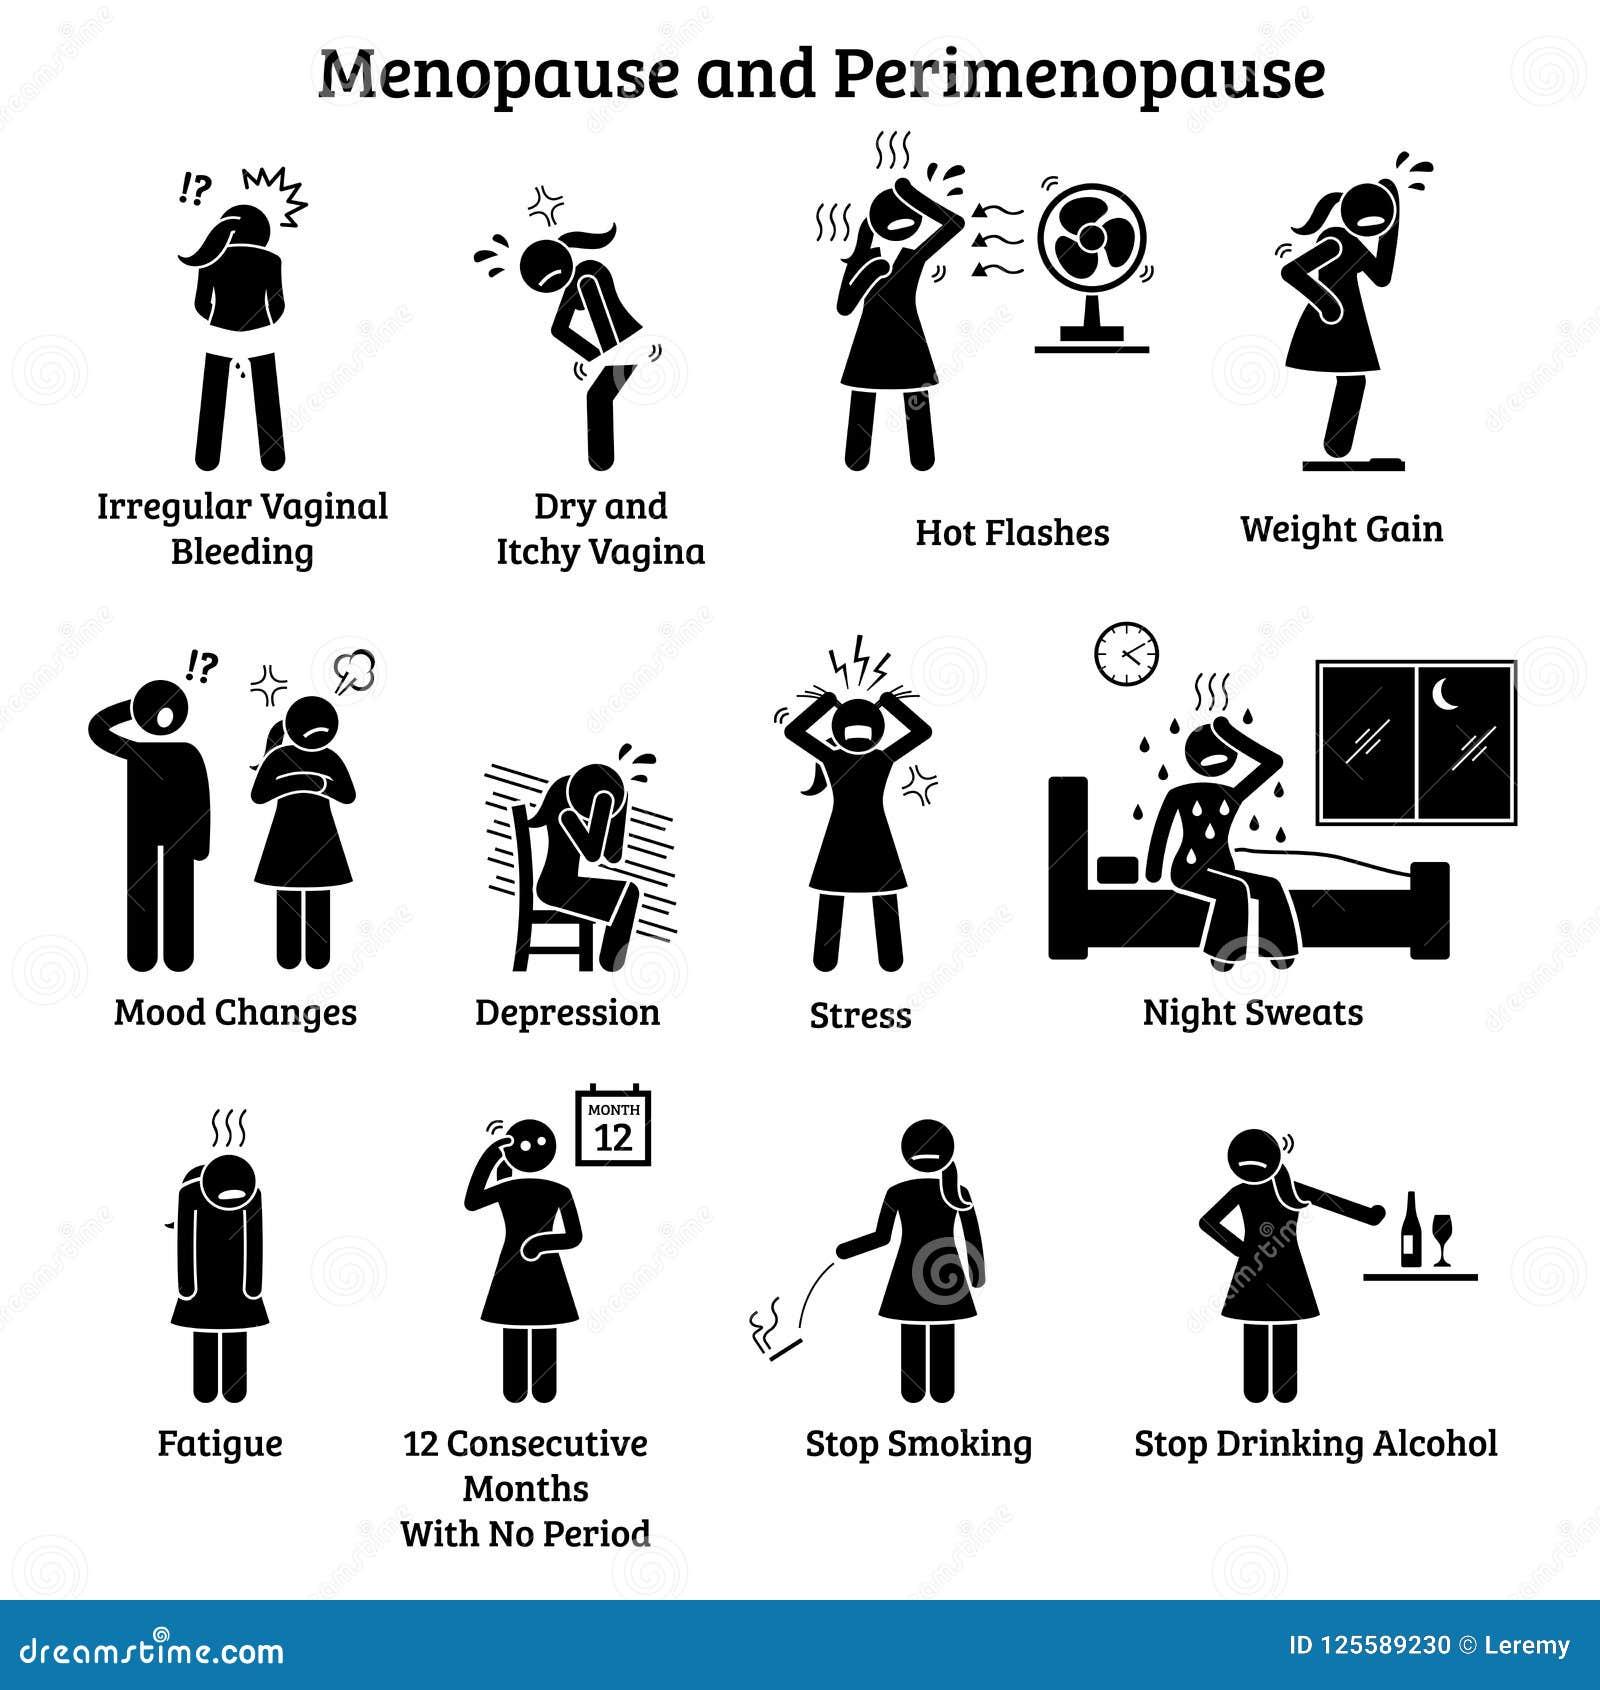 Менопауза и значки Perimenopause